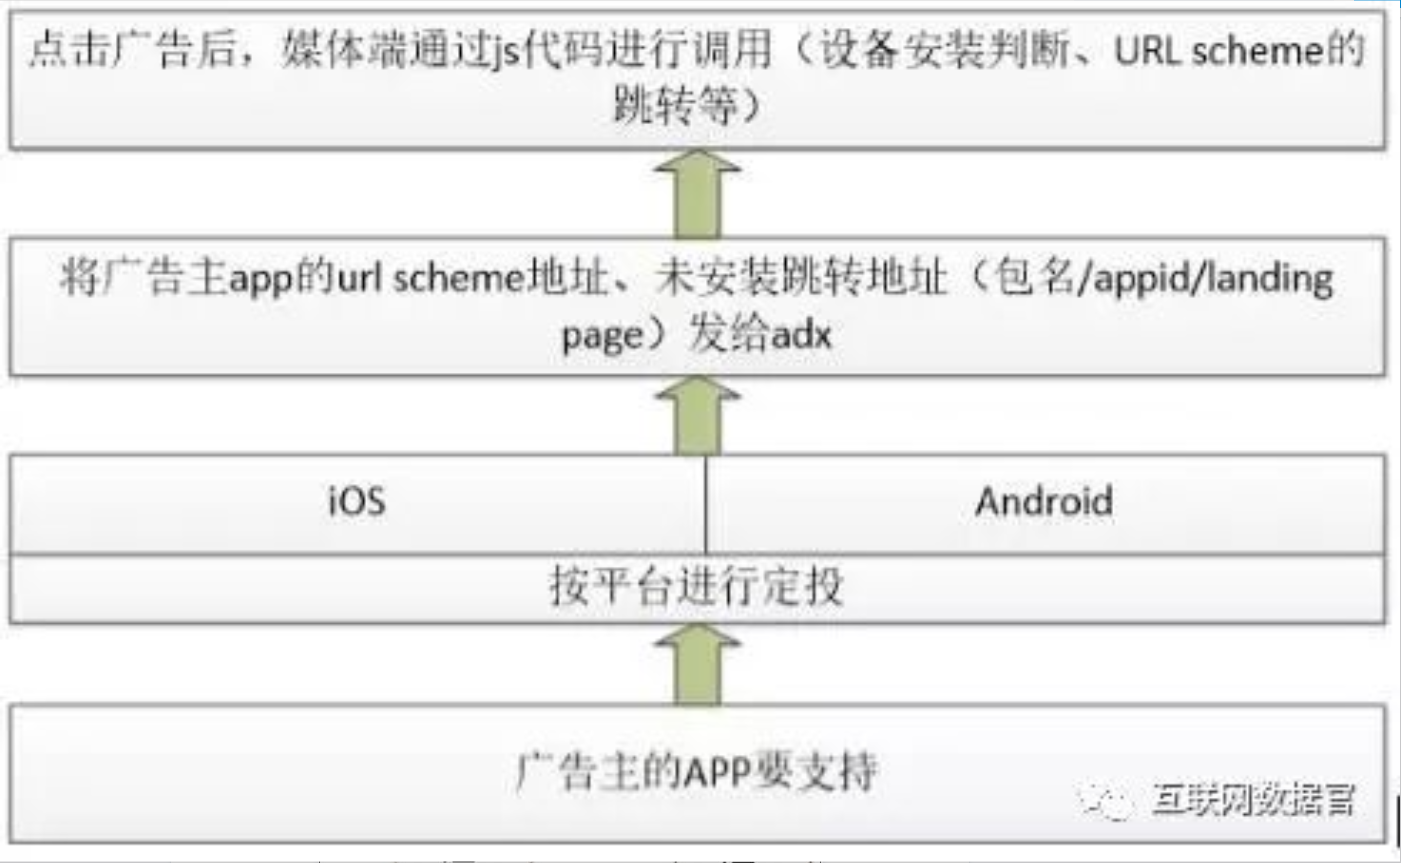 app上的deeplink技术,到底是什么?